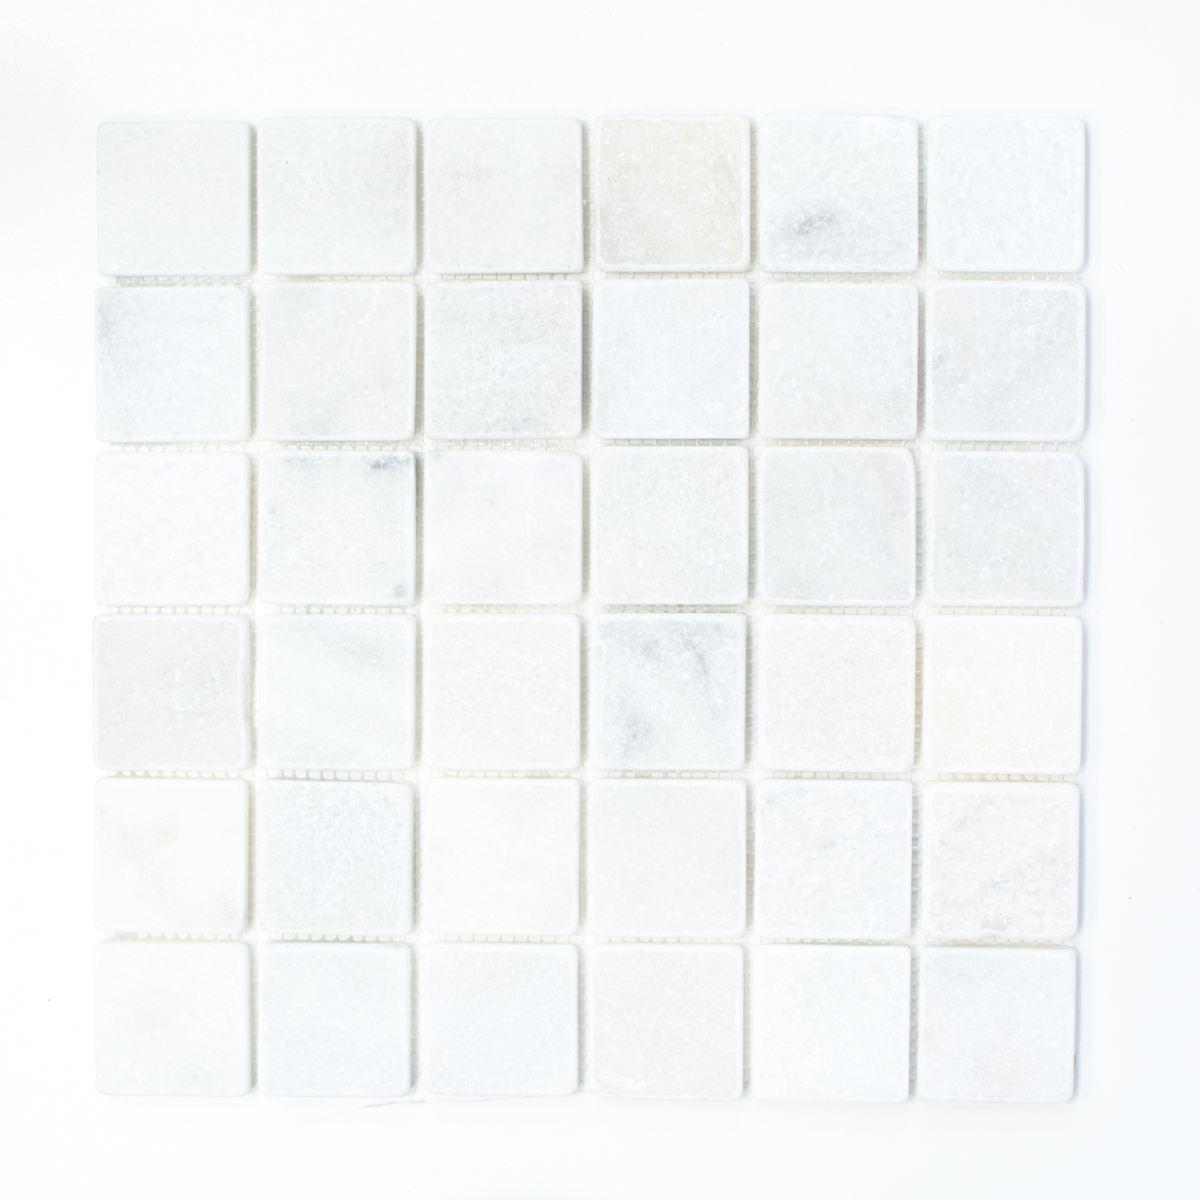 Marmormosaik Ibiza Weiß antique Marble Fliesenspiegel Art: 40-42048 | 10 Matten